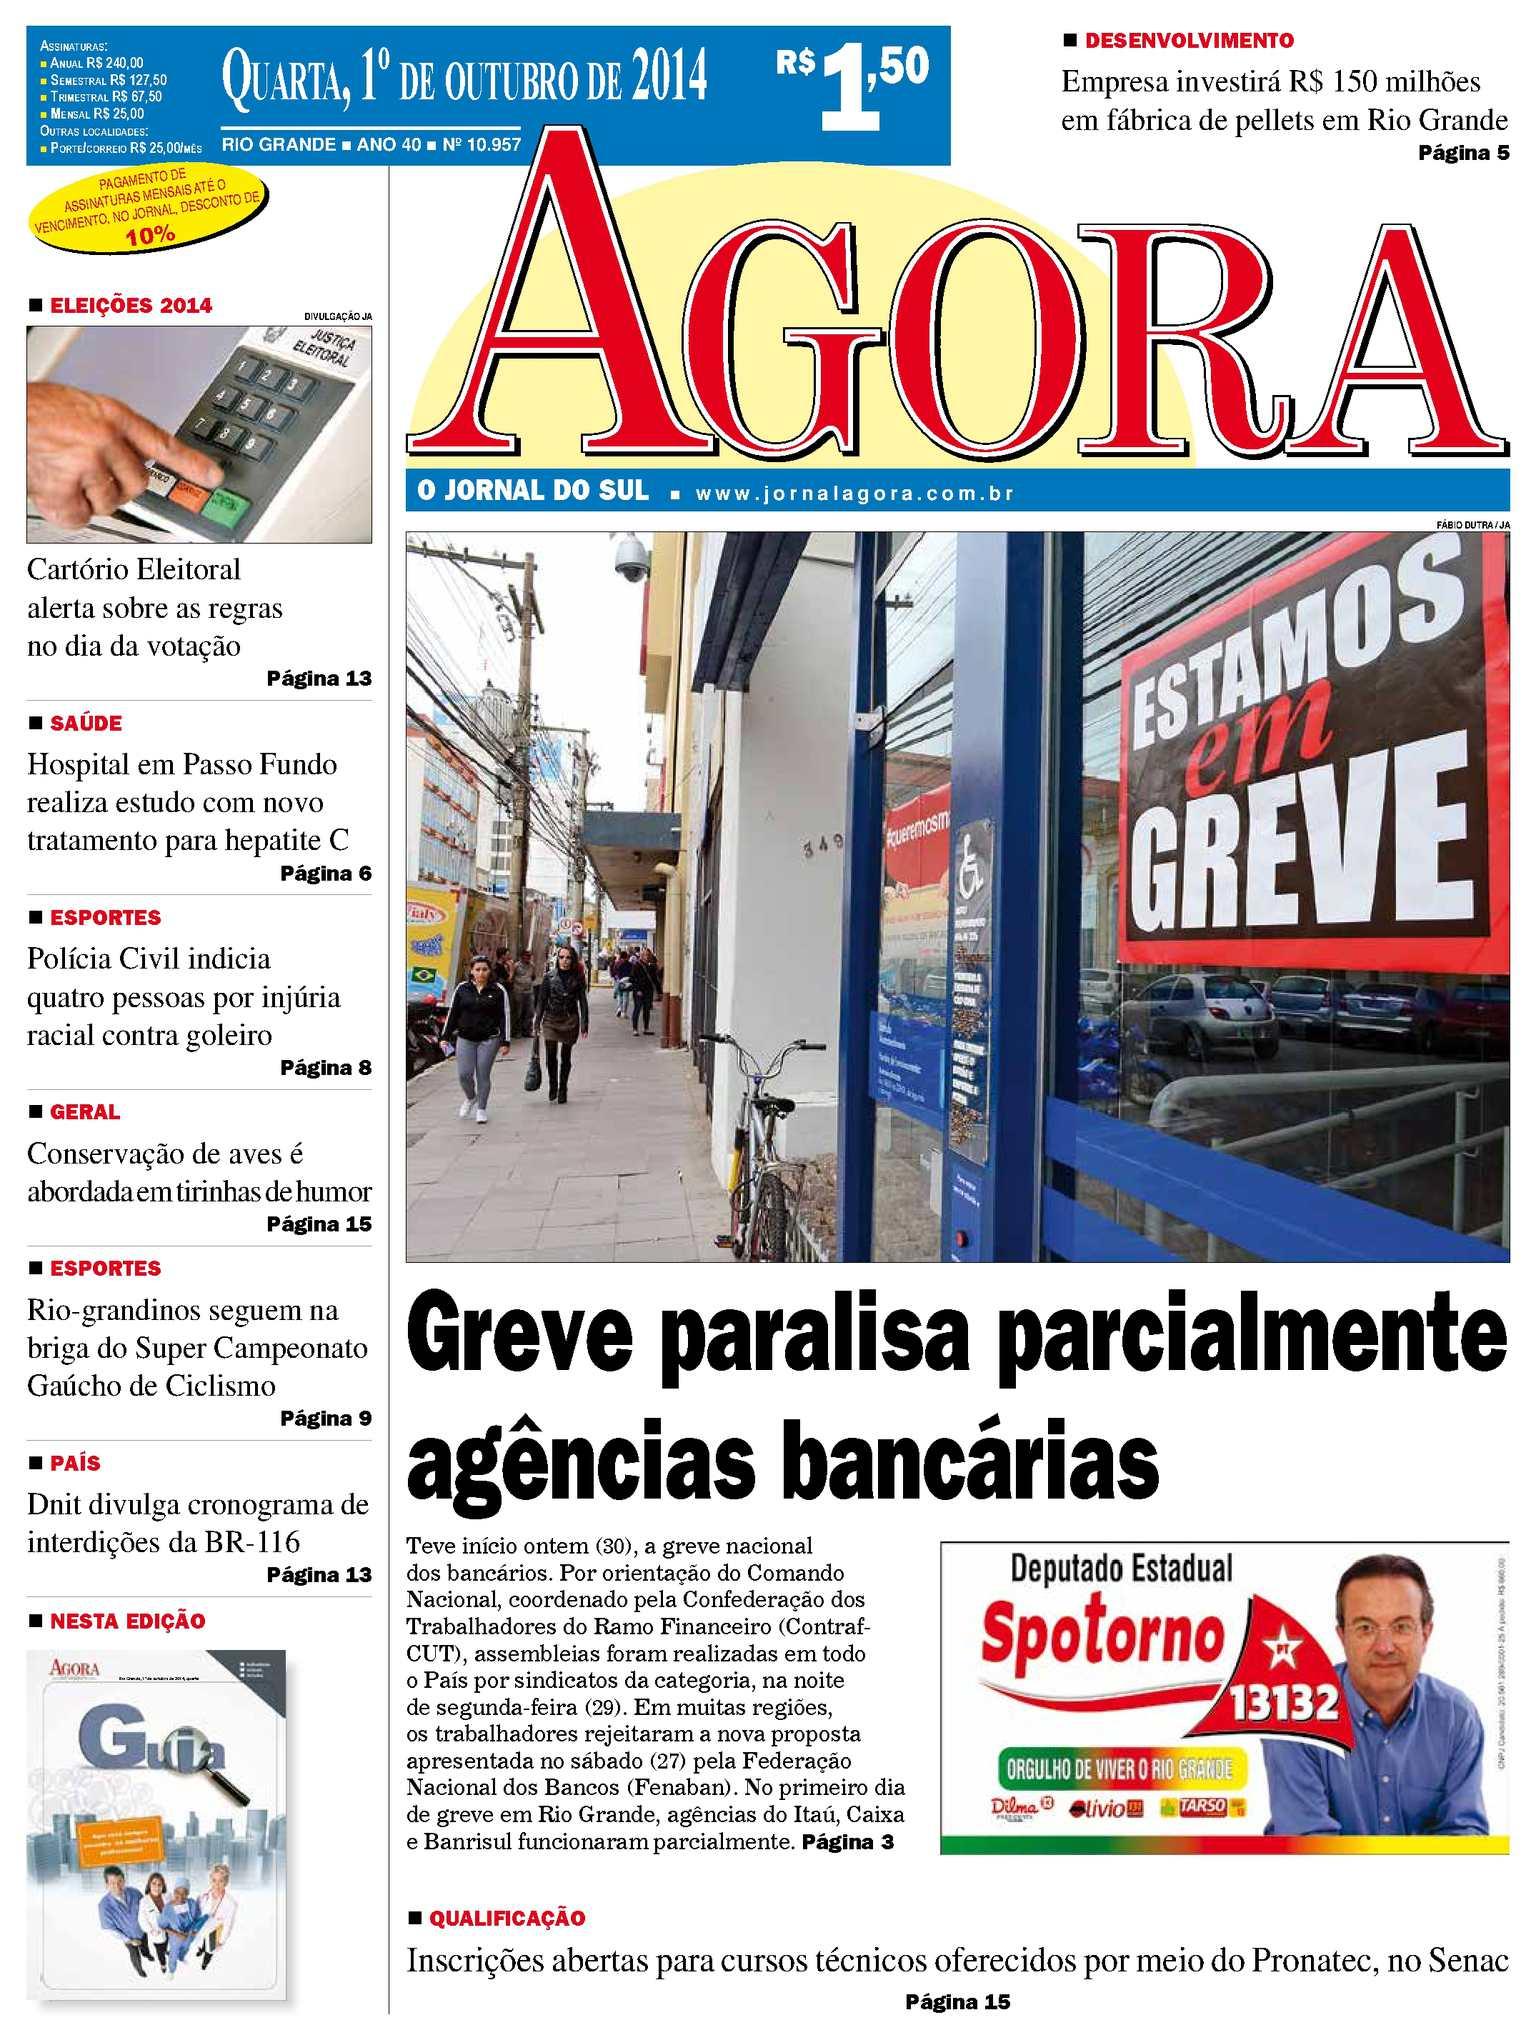 Calaméo - Jornal Agora - 10957 - 1º de outubro de 2014 db37415e072